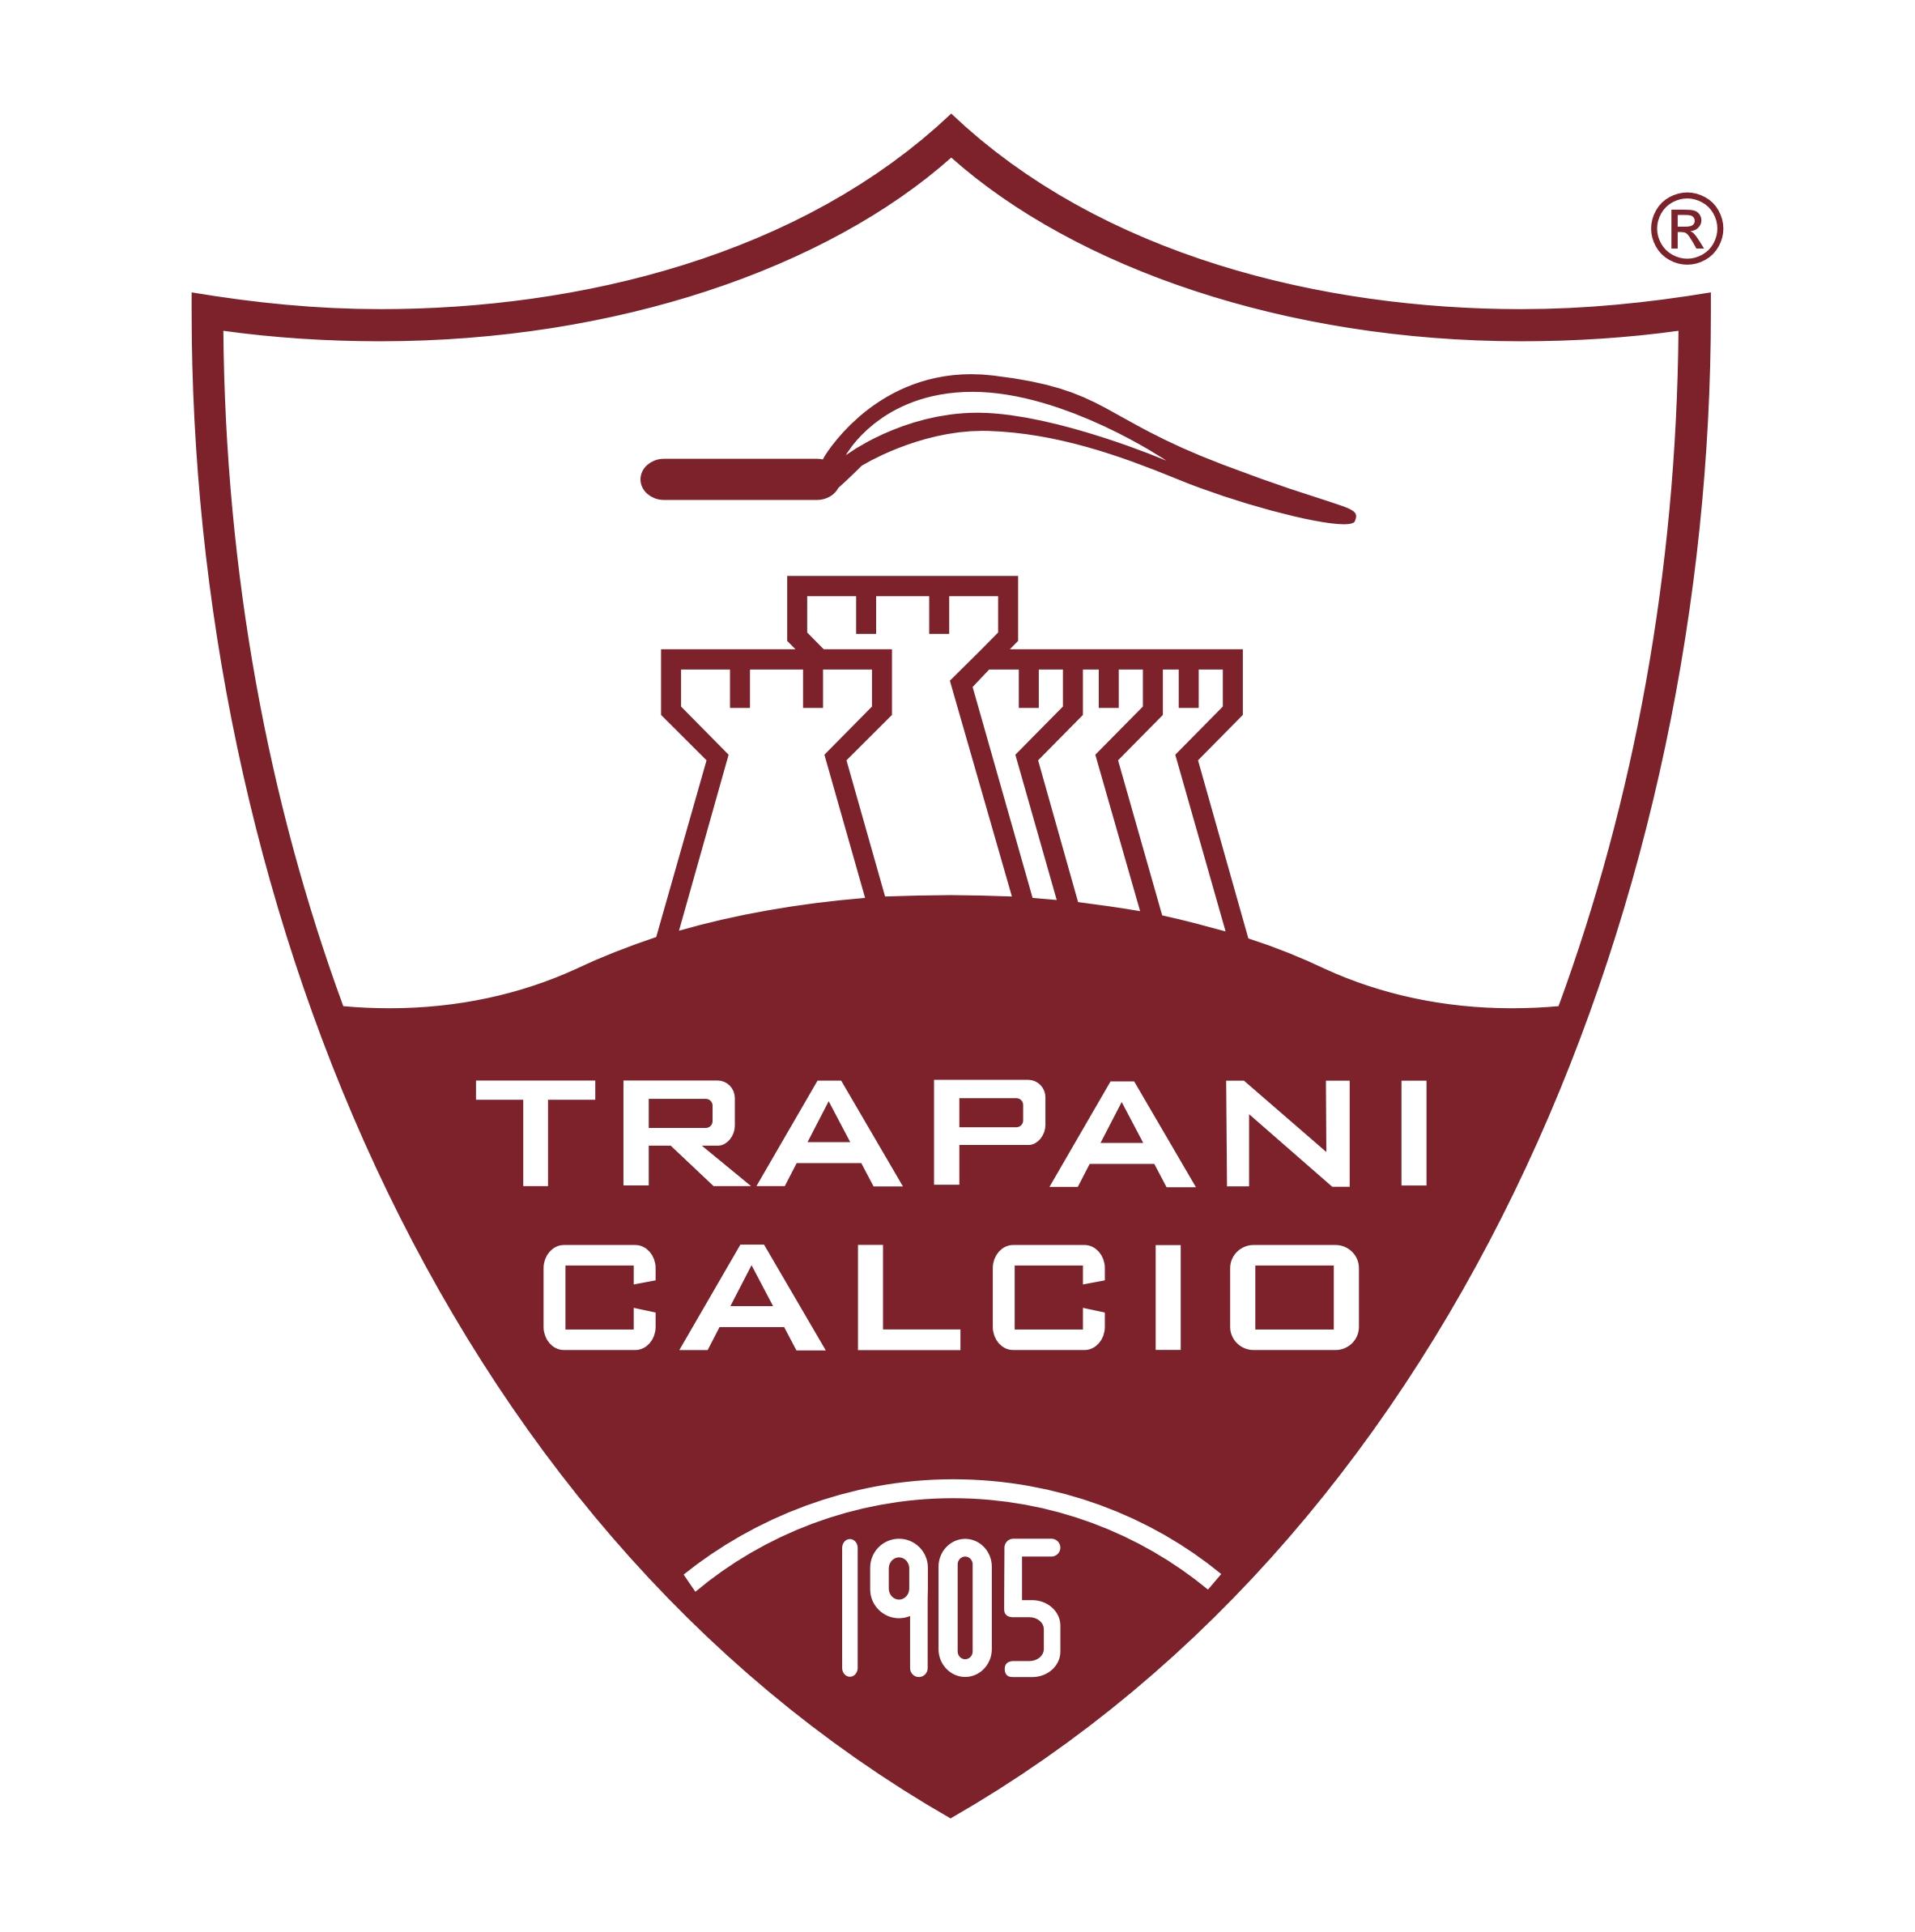 trapani-calcio